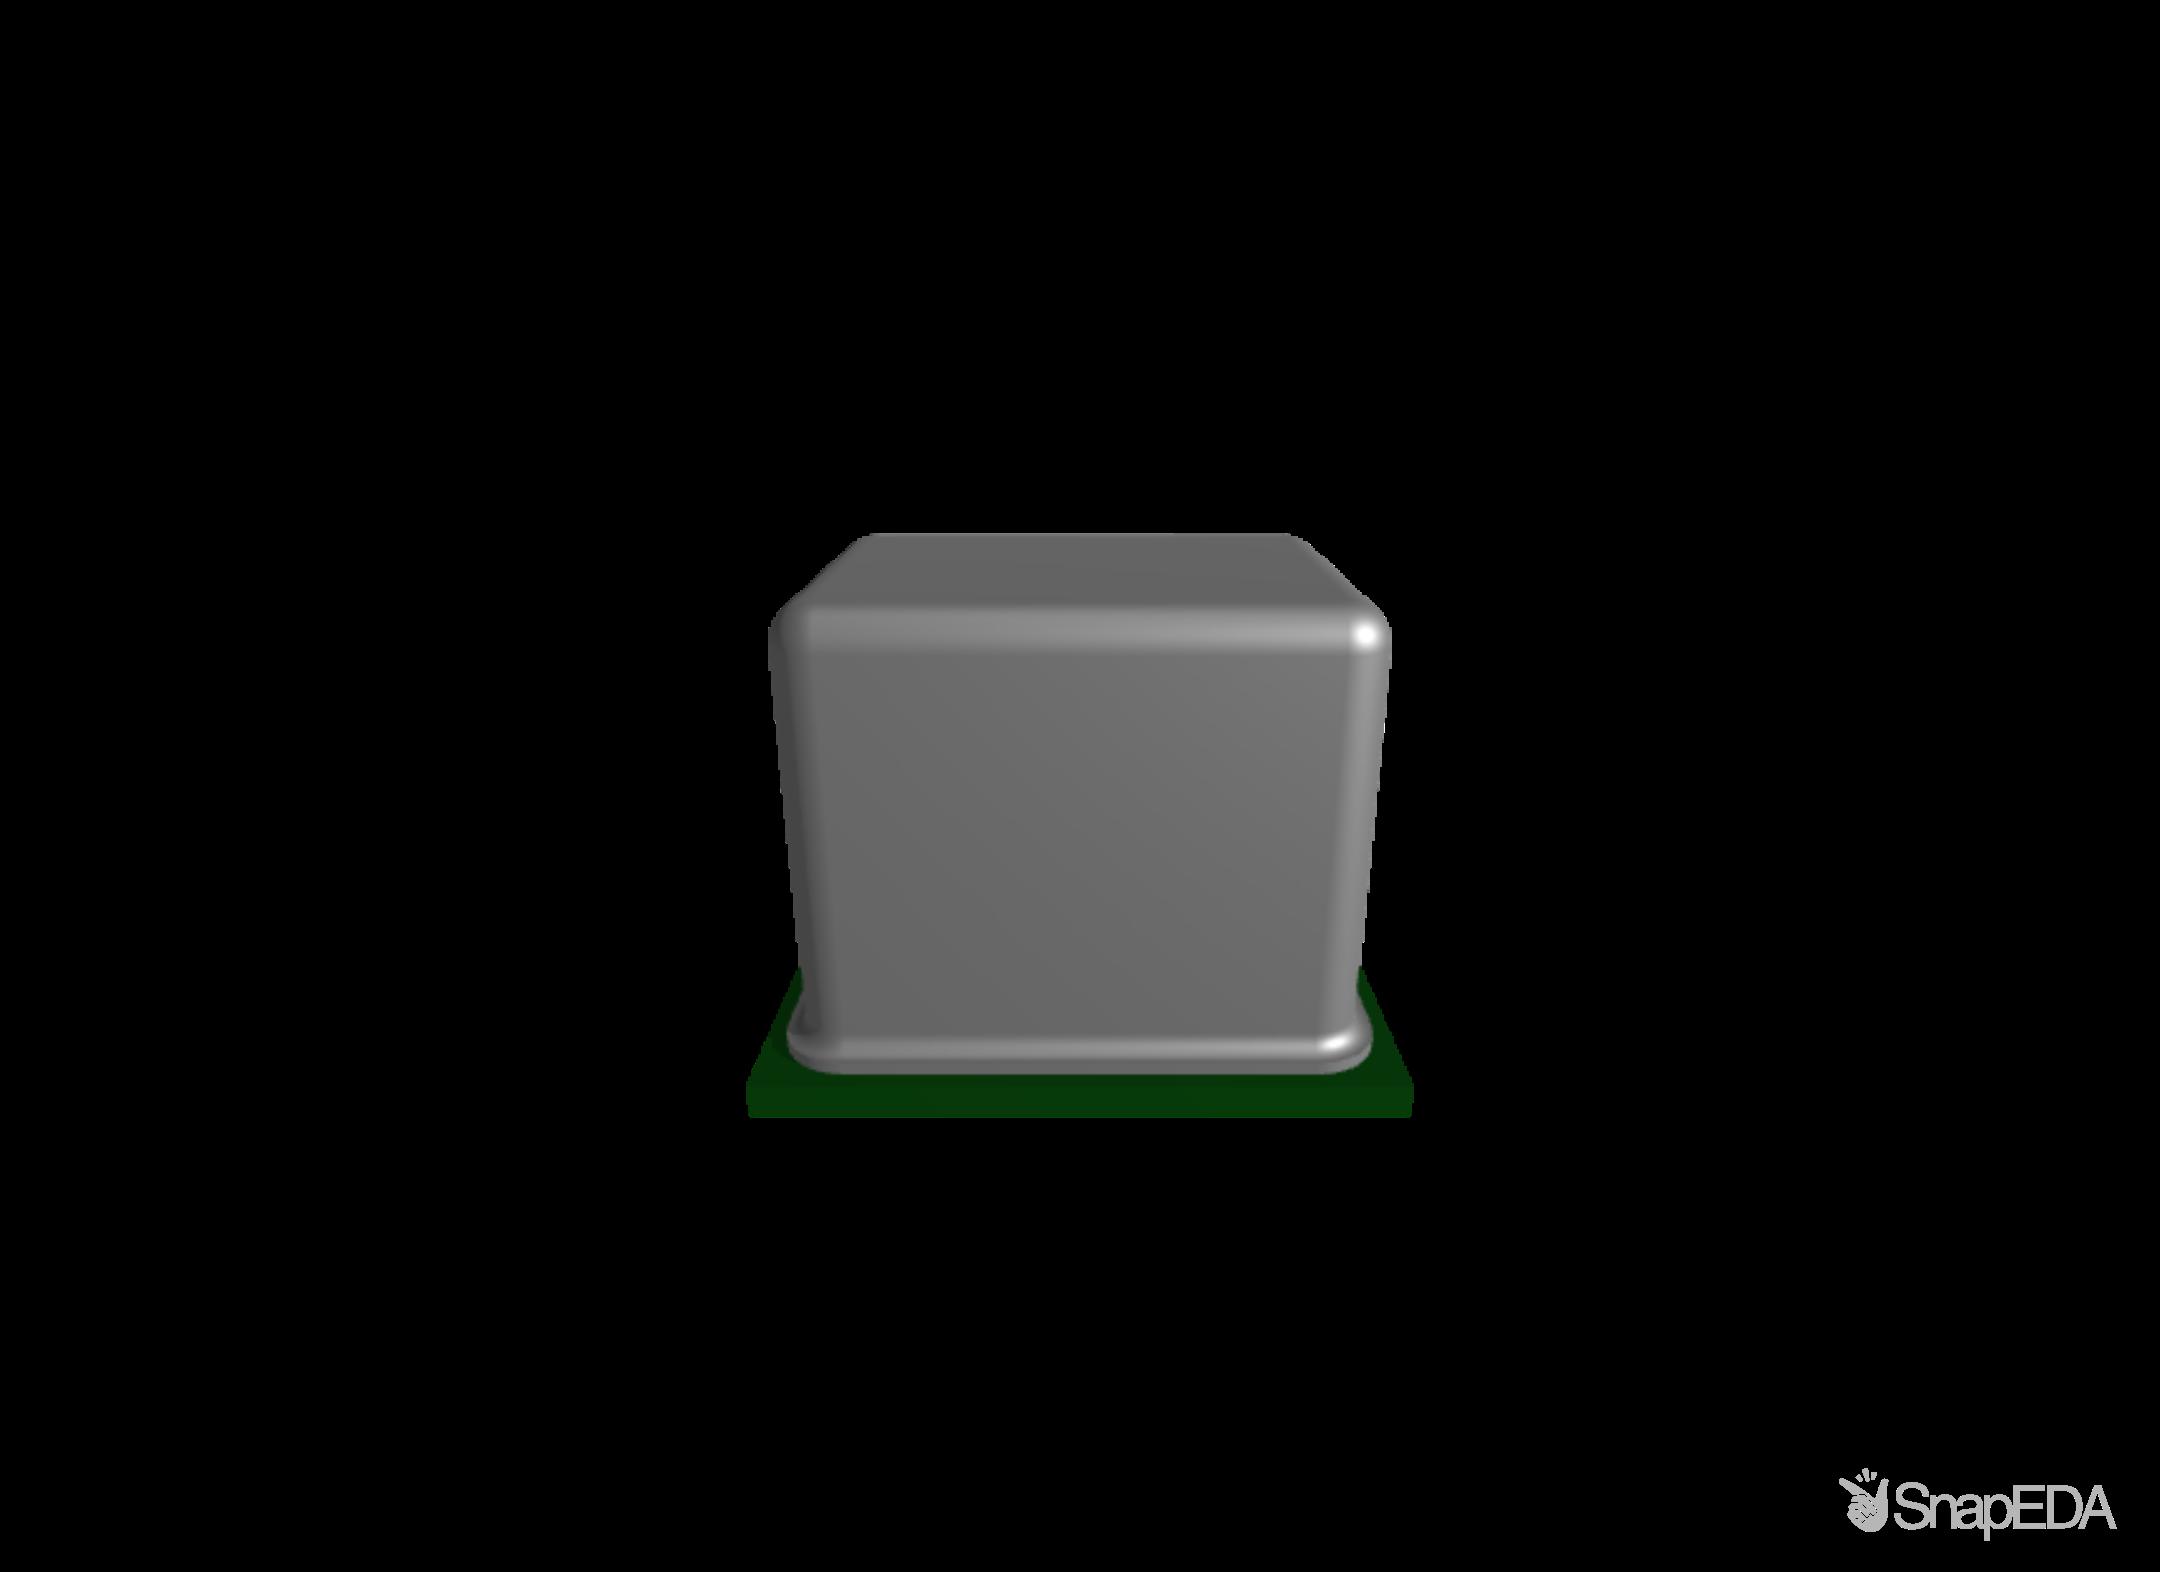 ICS-40730 3D Model